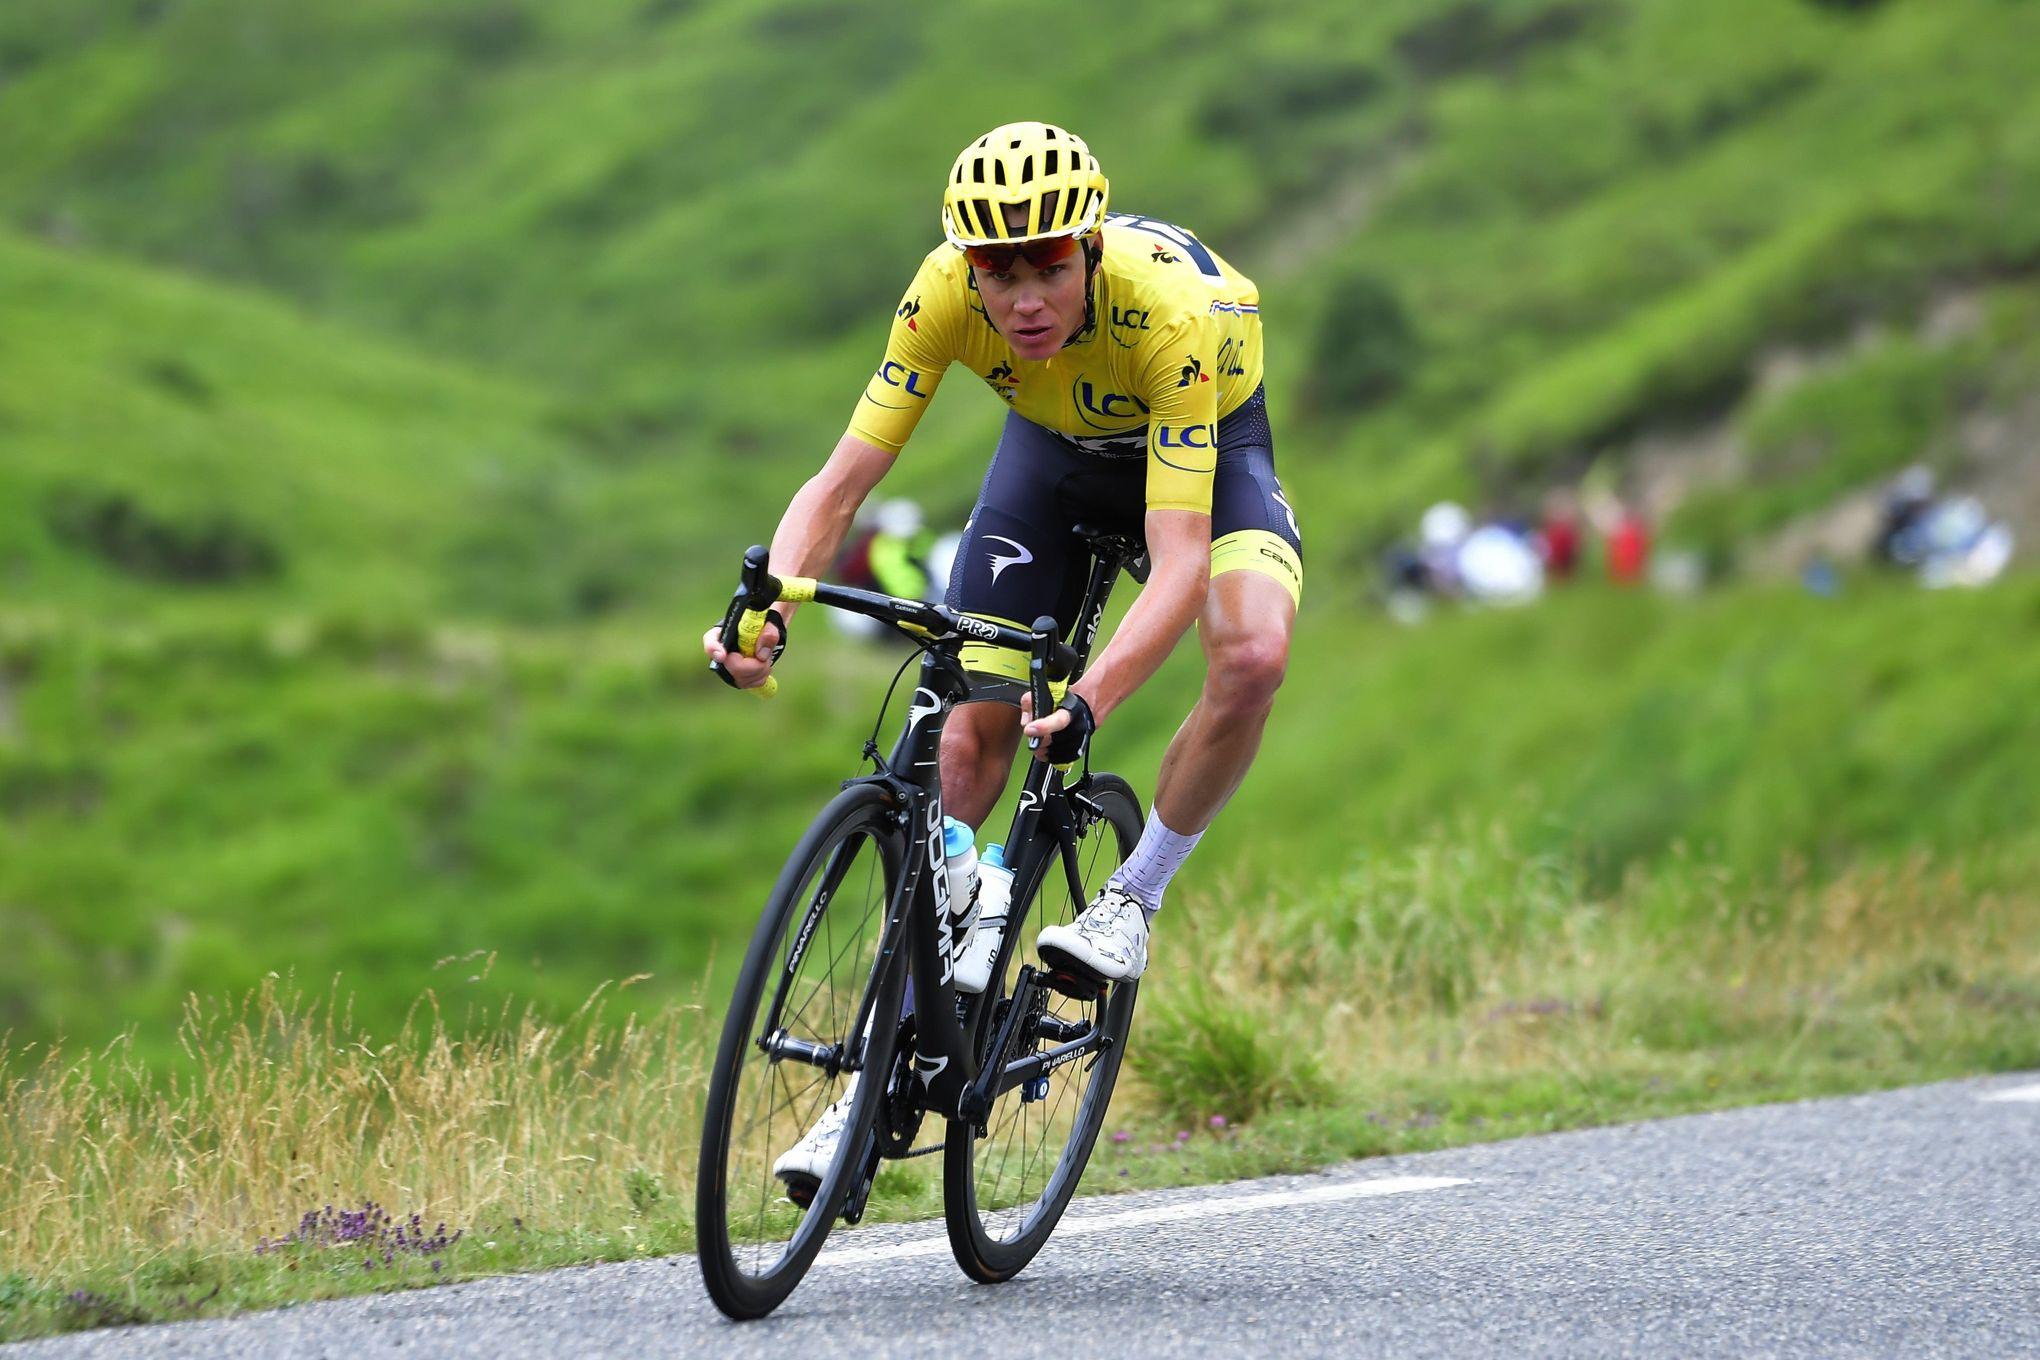 bcc07d9dc2527 Les vélos du Tour de France : des technologies de pointe au service ...